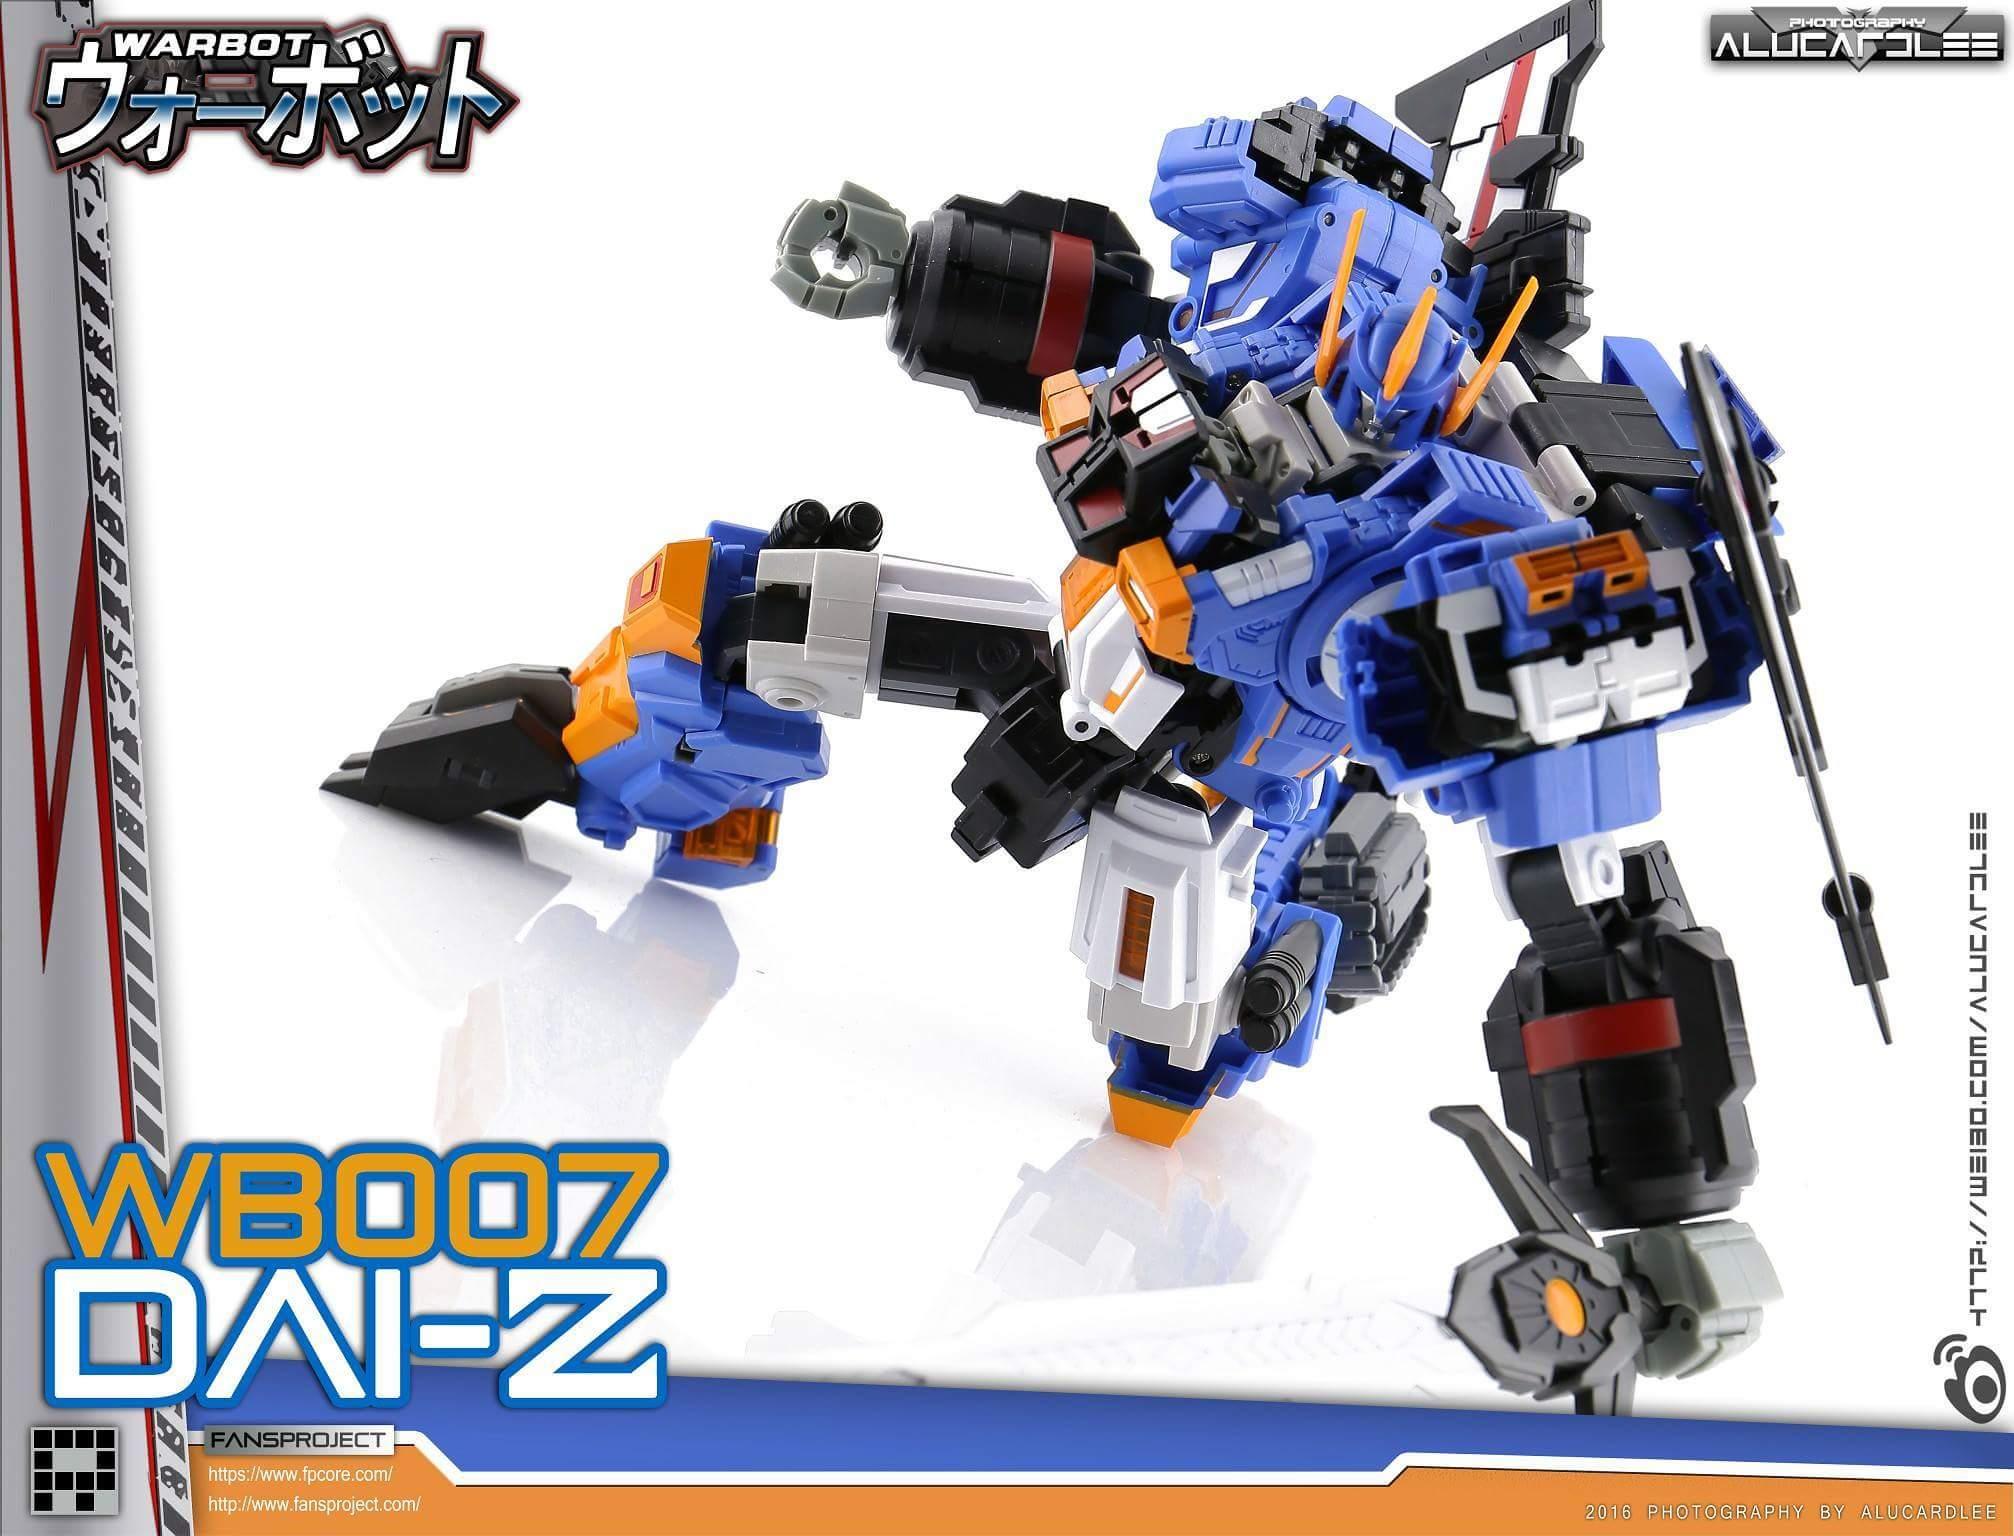 [Fansproject] Produit Tiers - Jouet WB-007 Dai-Z - aka Dai Atlas (Transformers Zone) LDipQQVH